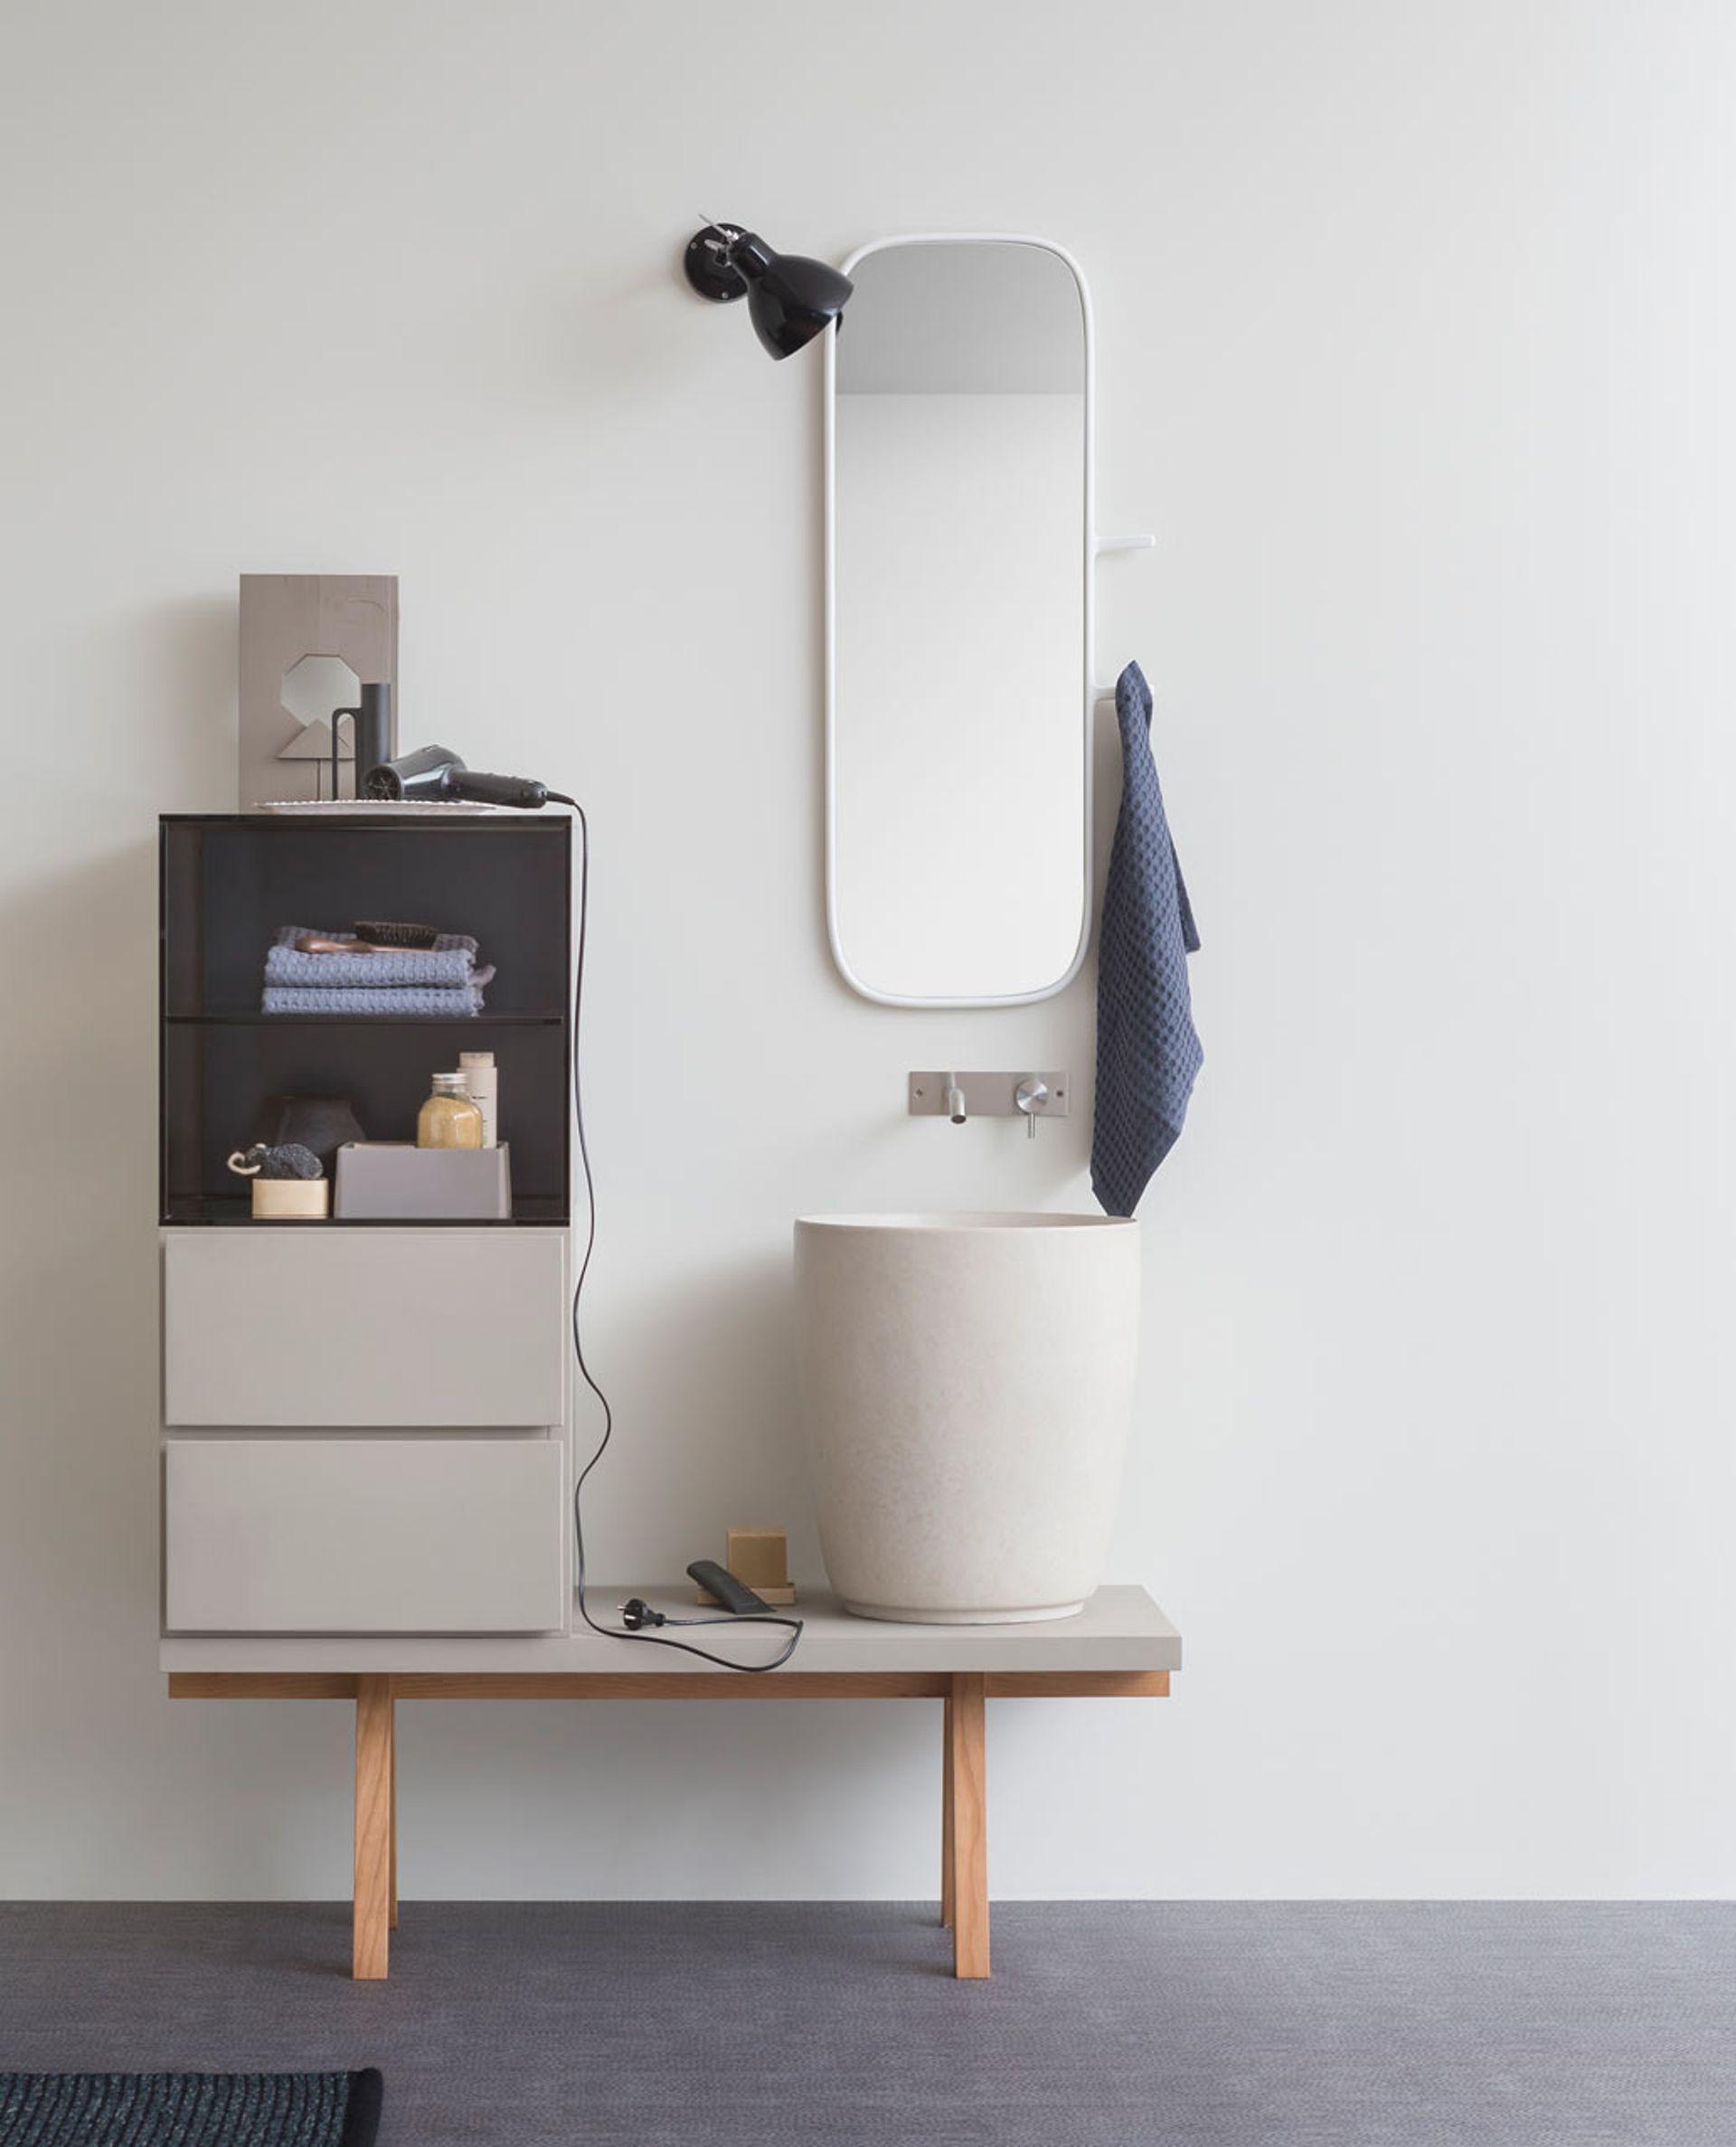 toiletskabe til badevà relset badmà bler til det lille badevà relse